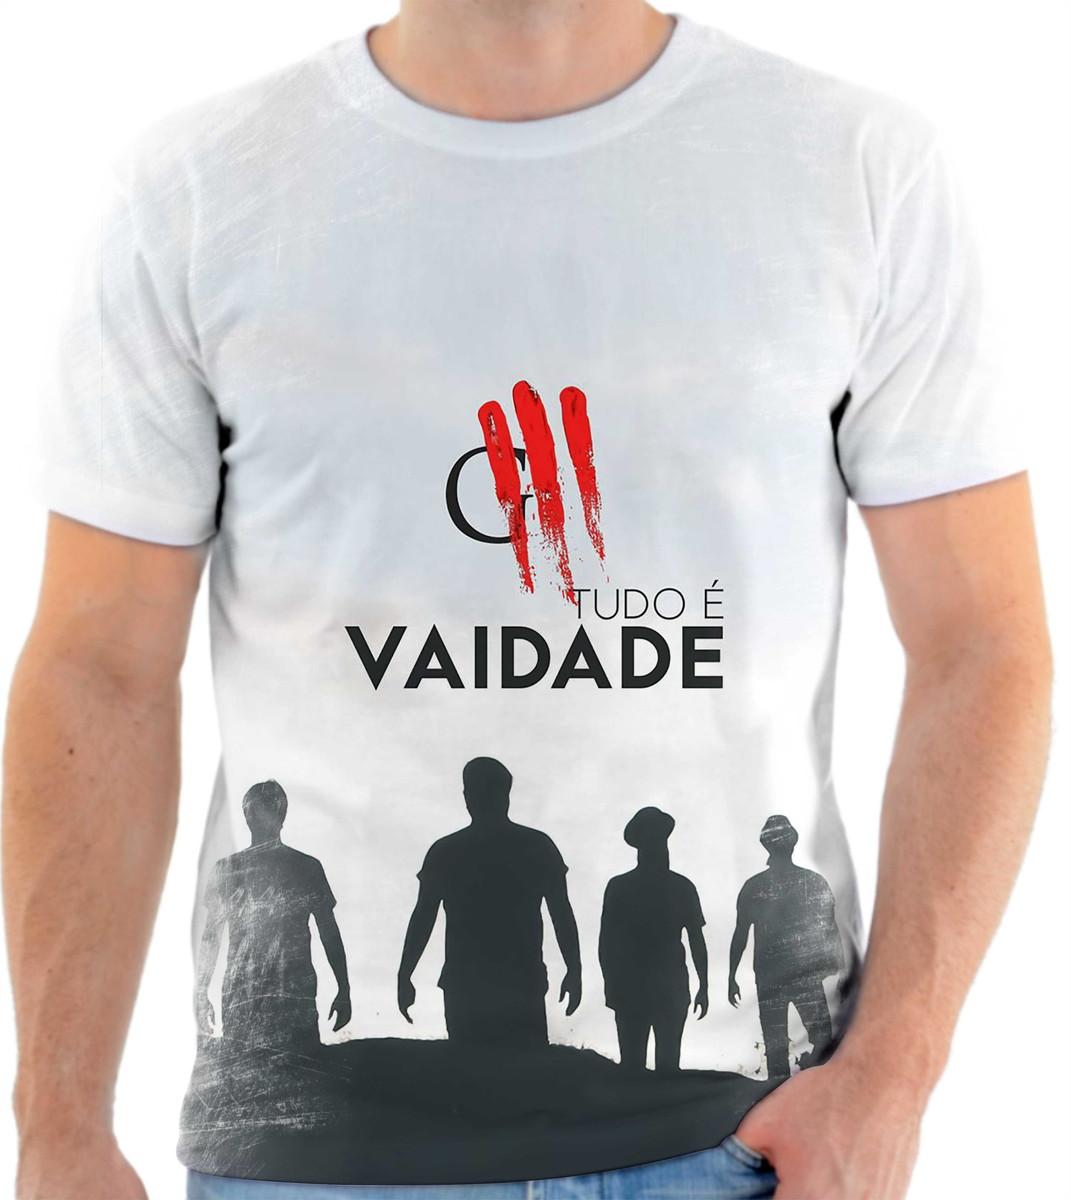 Camisa Camiseta Personalizada Banda De Rock Oficina G3 6 no Elo7 ... 89b39c3d72711